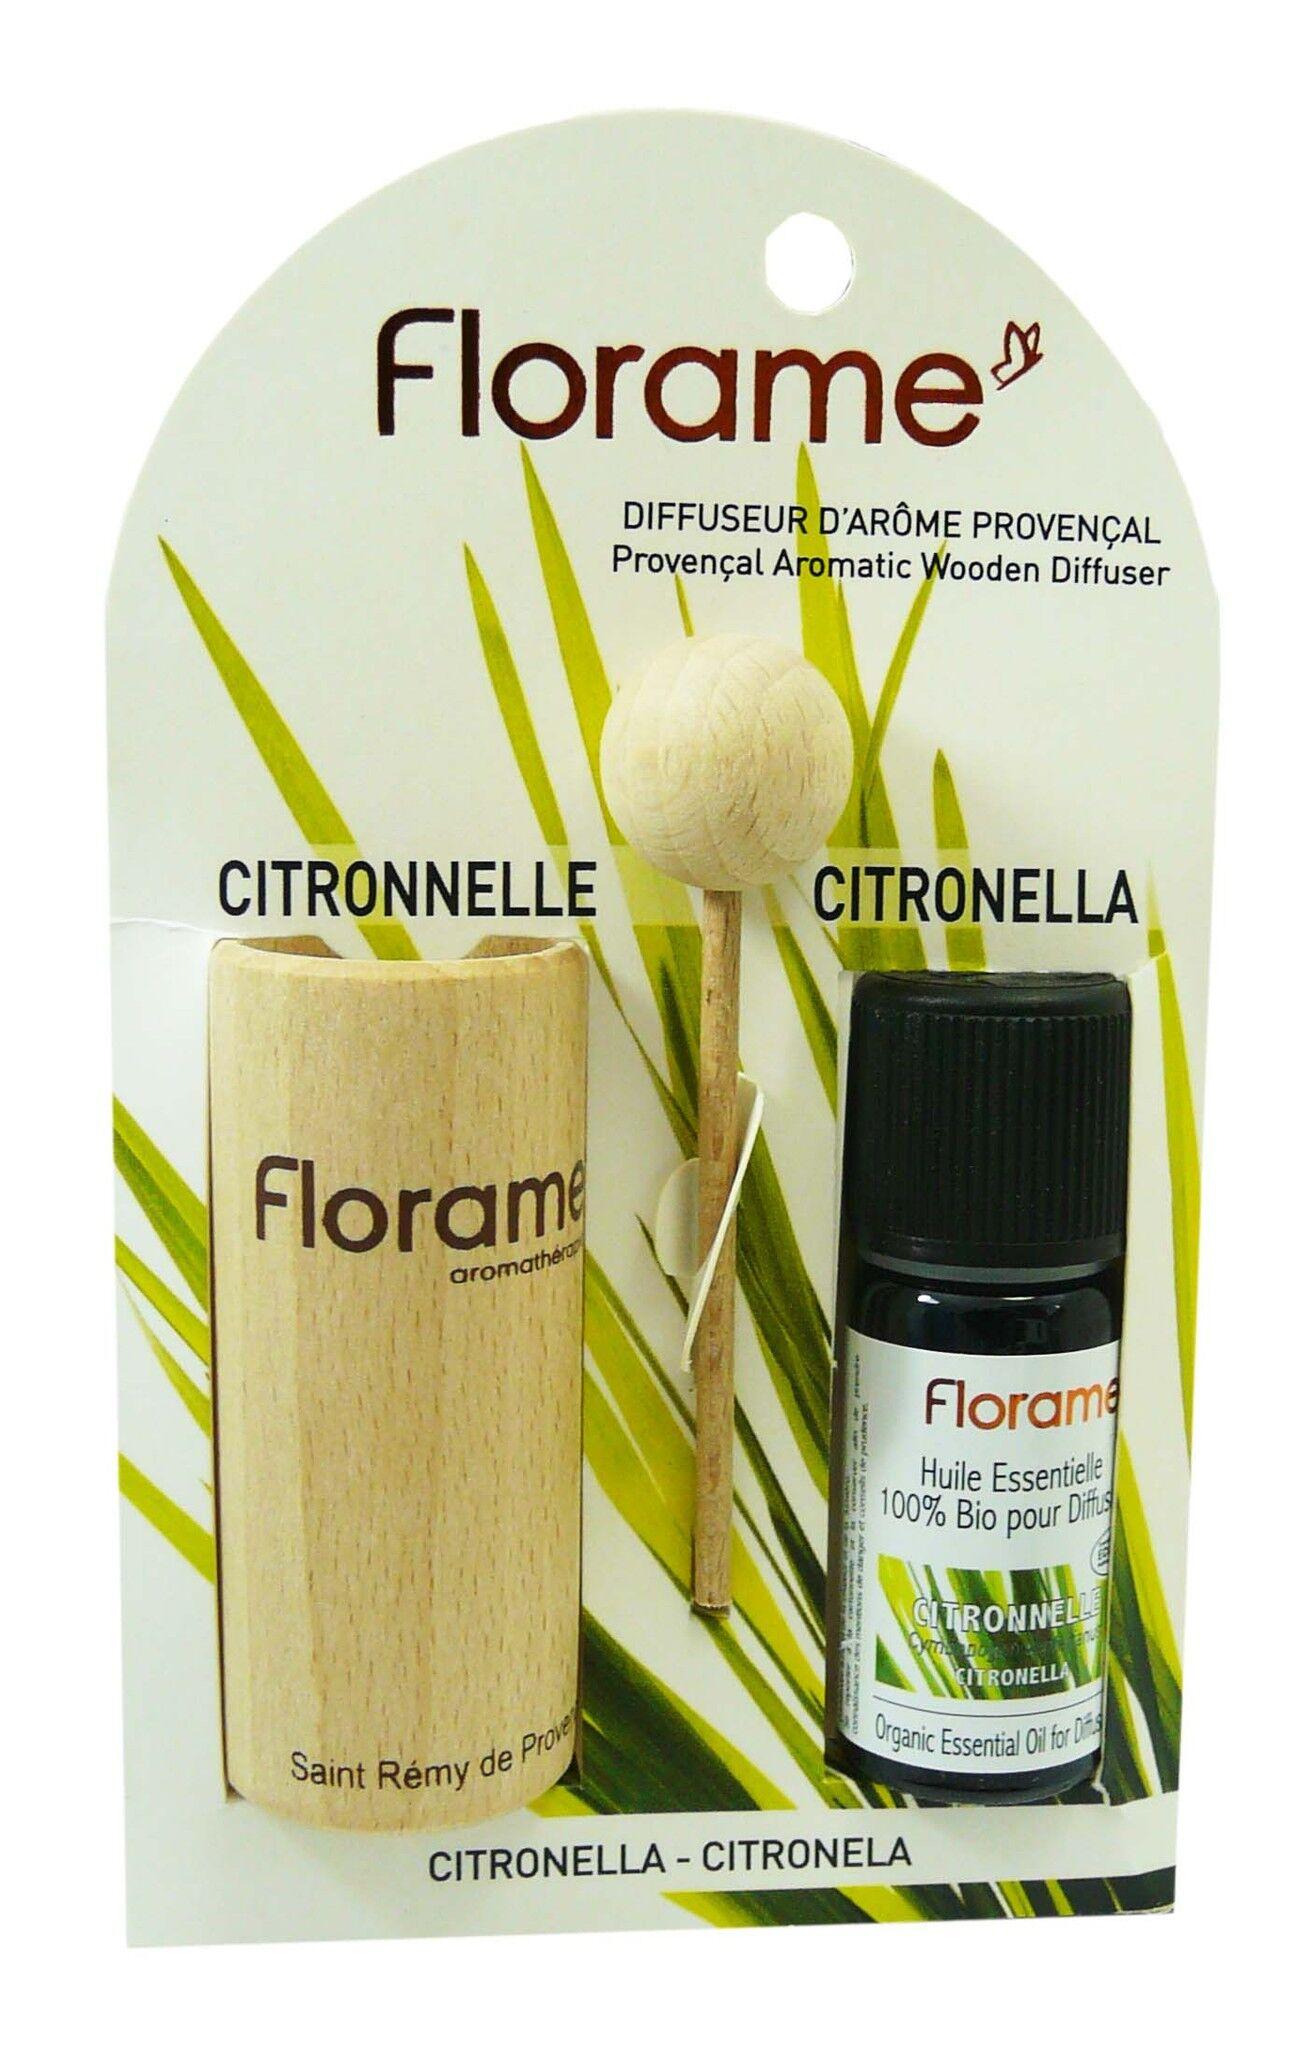 Florame diffuseur d'arome provencal citronnelle